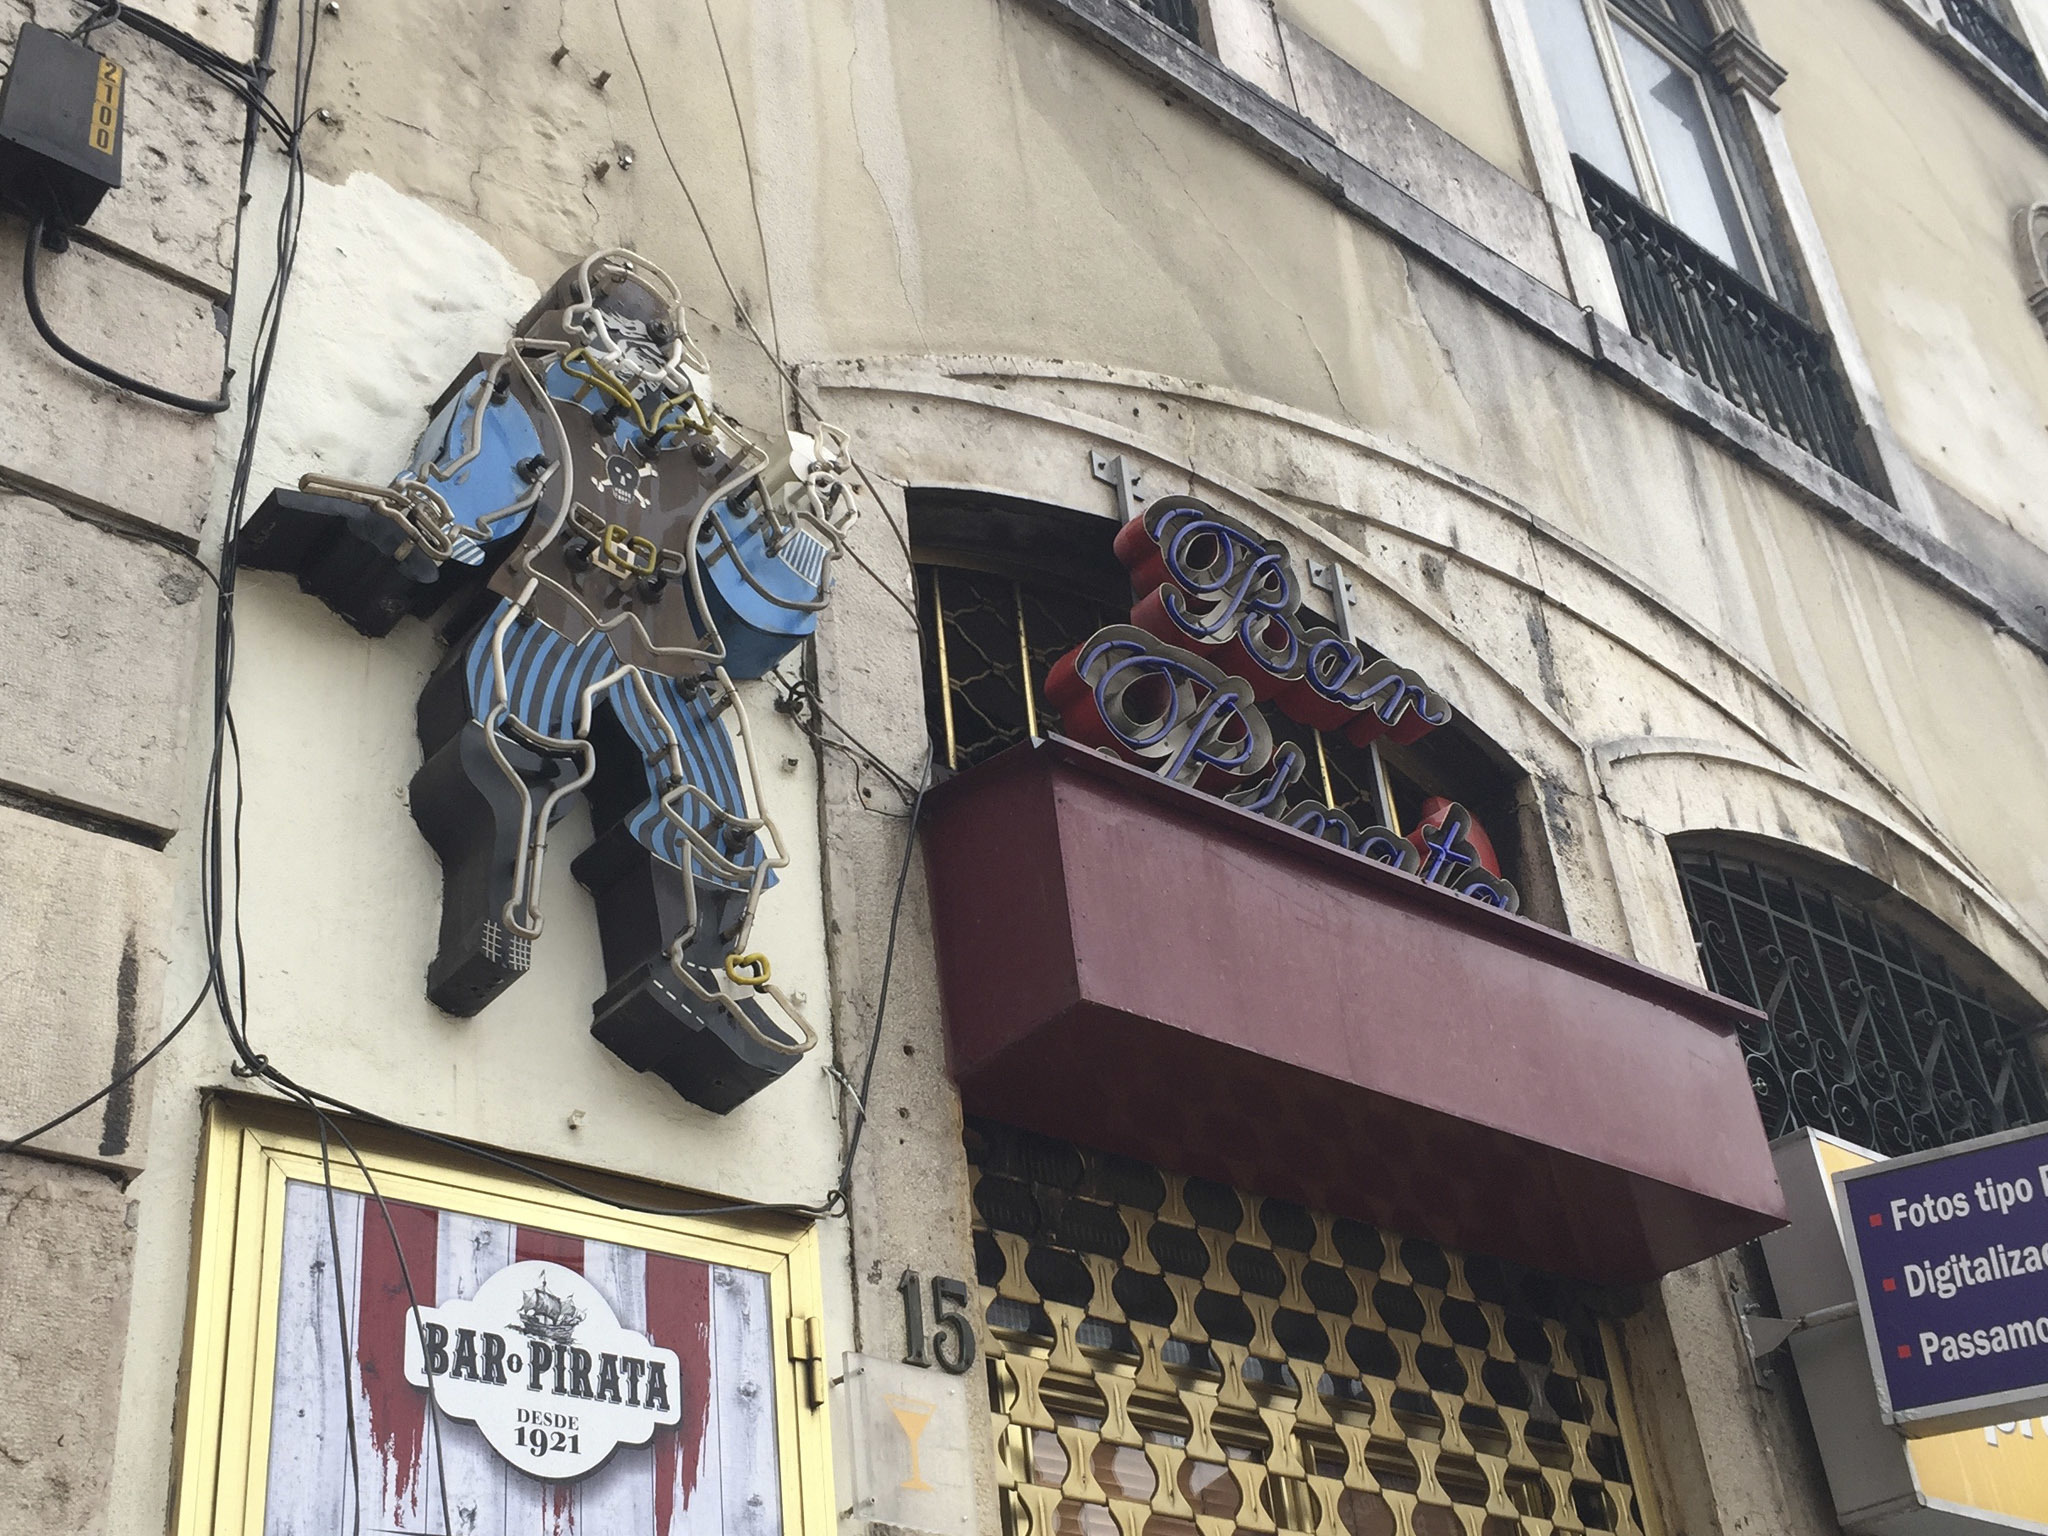 fachada do bar pirata no rossio